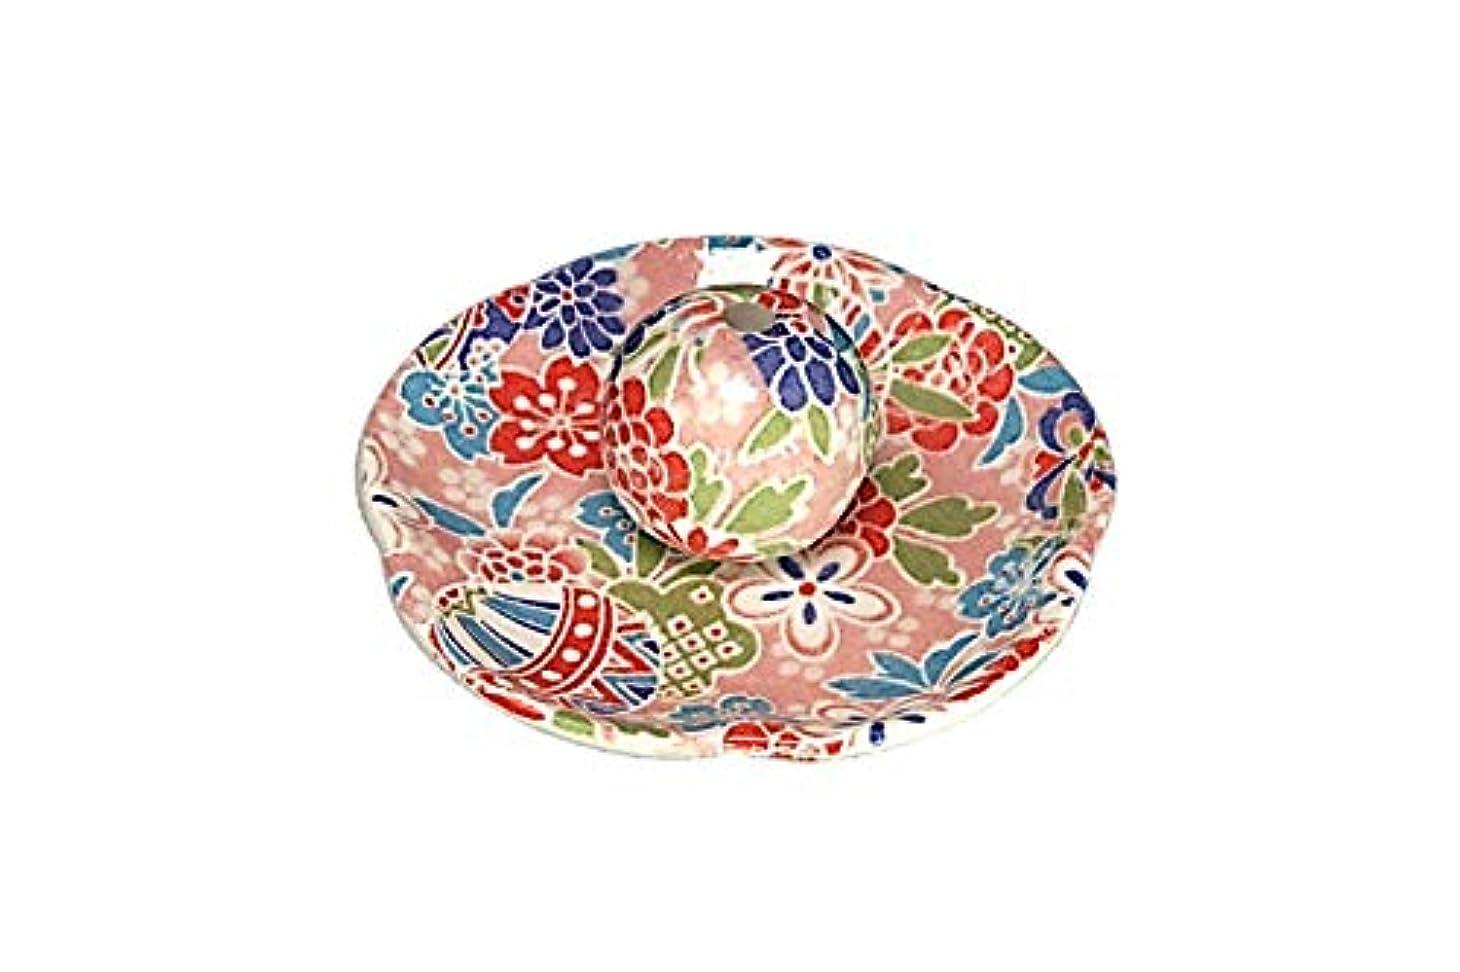 自体起こりやすい実施する京雅桃 花形香皿 お香立て お香たて 日本製 ACSWEBSHOPオリジナル